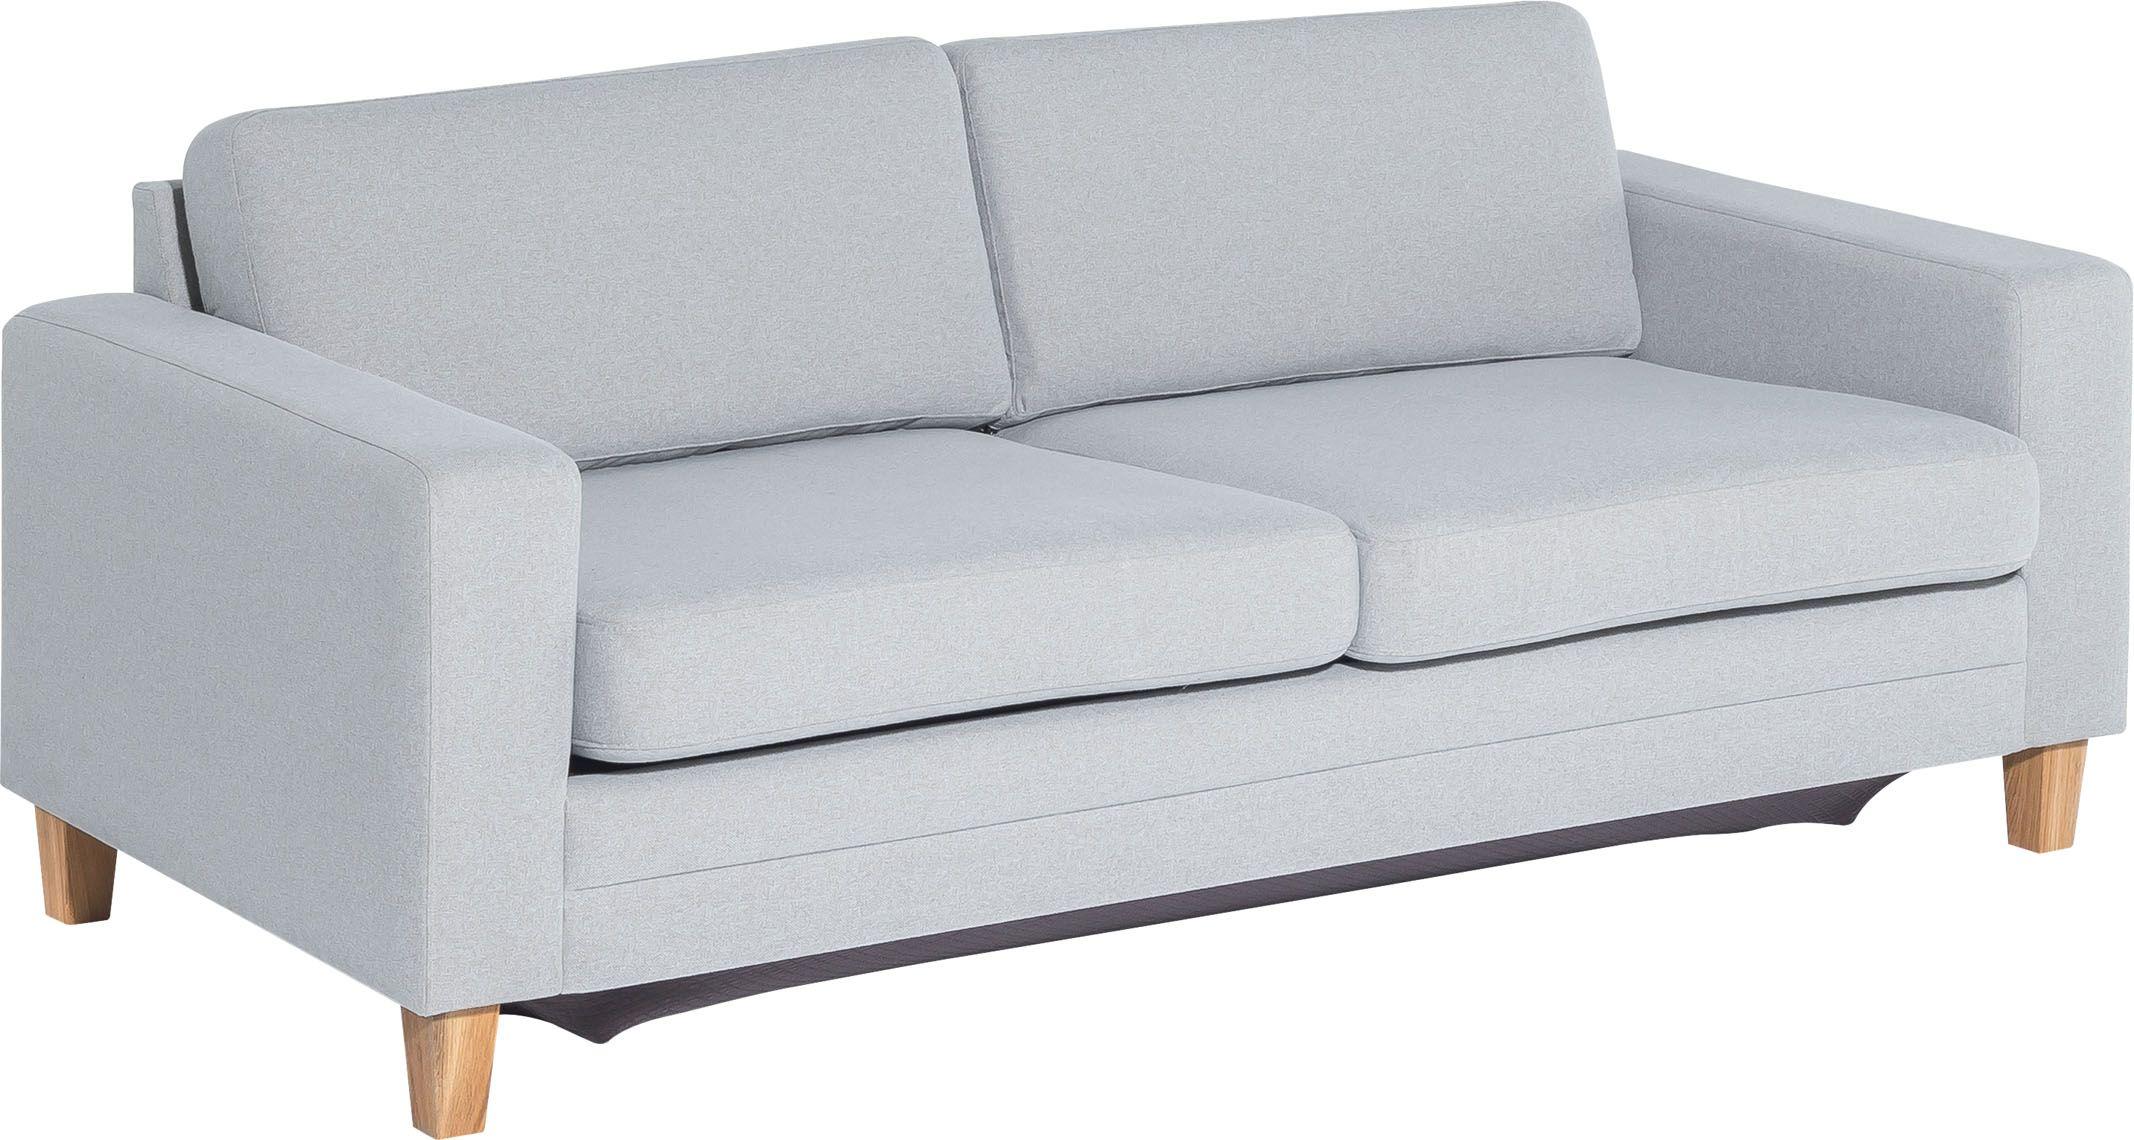 Sofa 25 Osobowa Z Funkcją Spania Liam Wnętrza Living